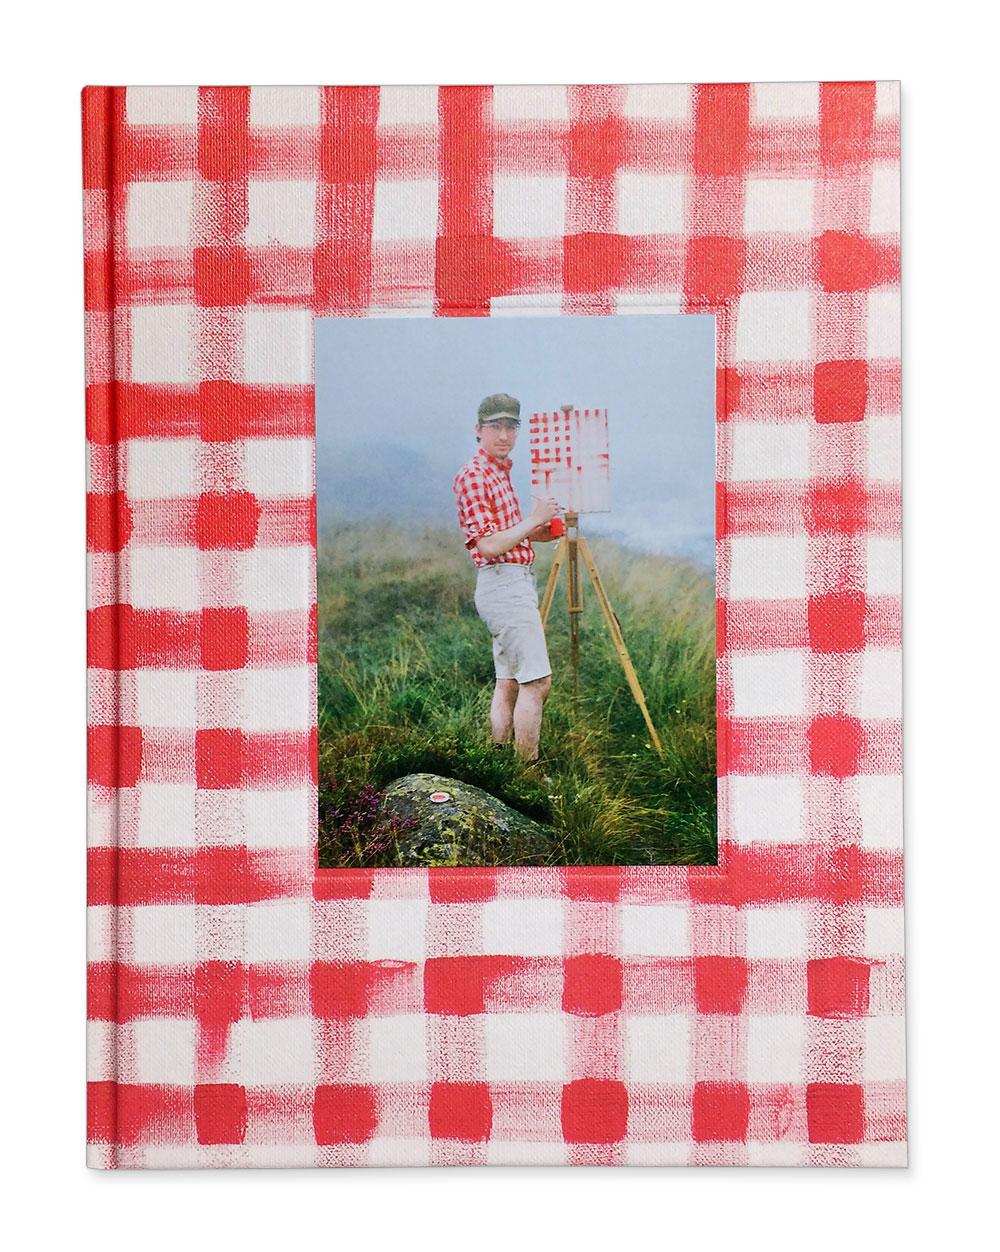 Hank Schmidt in der Beek, Fabian Schubert /Und im Sommer tu ich malen, book cover.© 2016 Edition Taube,Hank Schmidt in der Beek, Fabian Schubert.